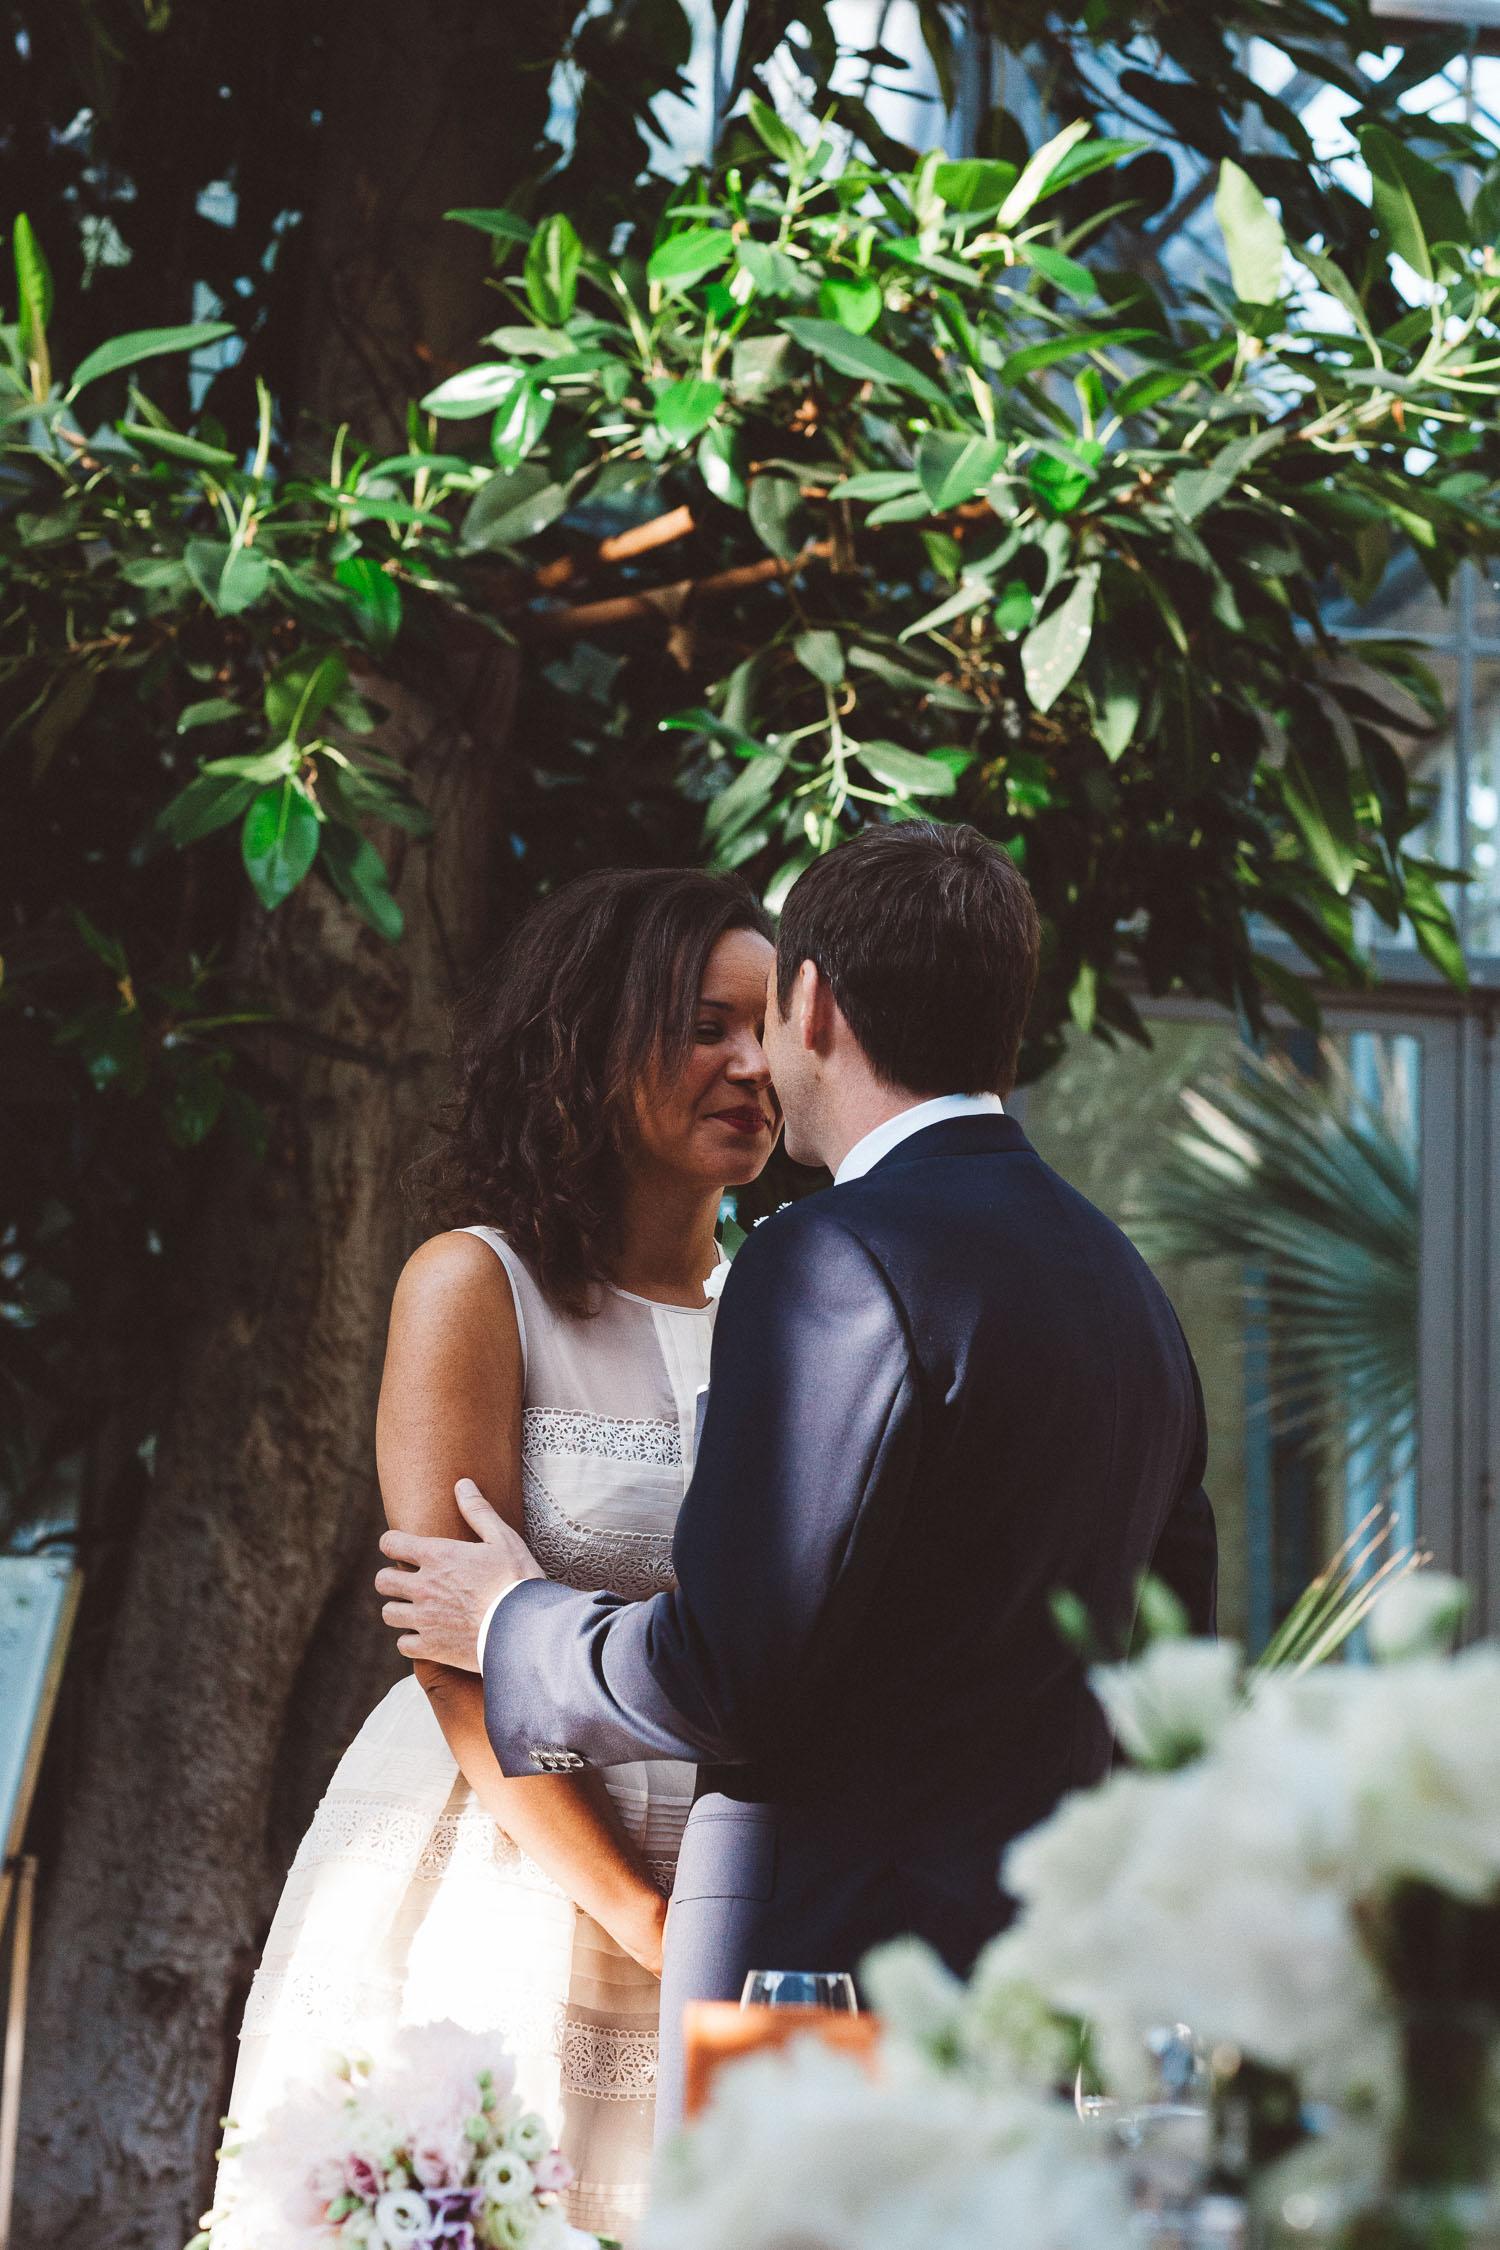 Wedding-photography-trouwfotografie-huwelijksfotograaf-Hortus-Botanicus-Amsterdam-On-a-hazy-morning-16.jpg